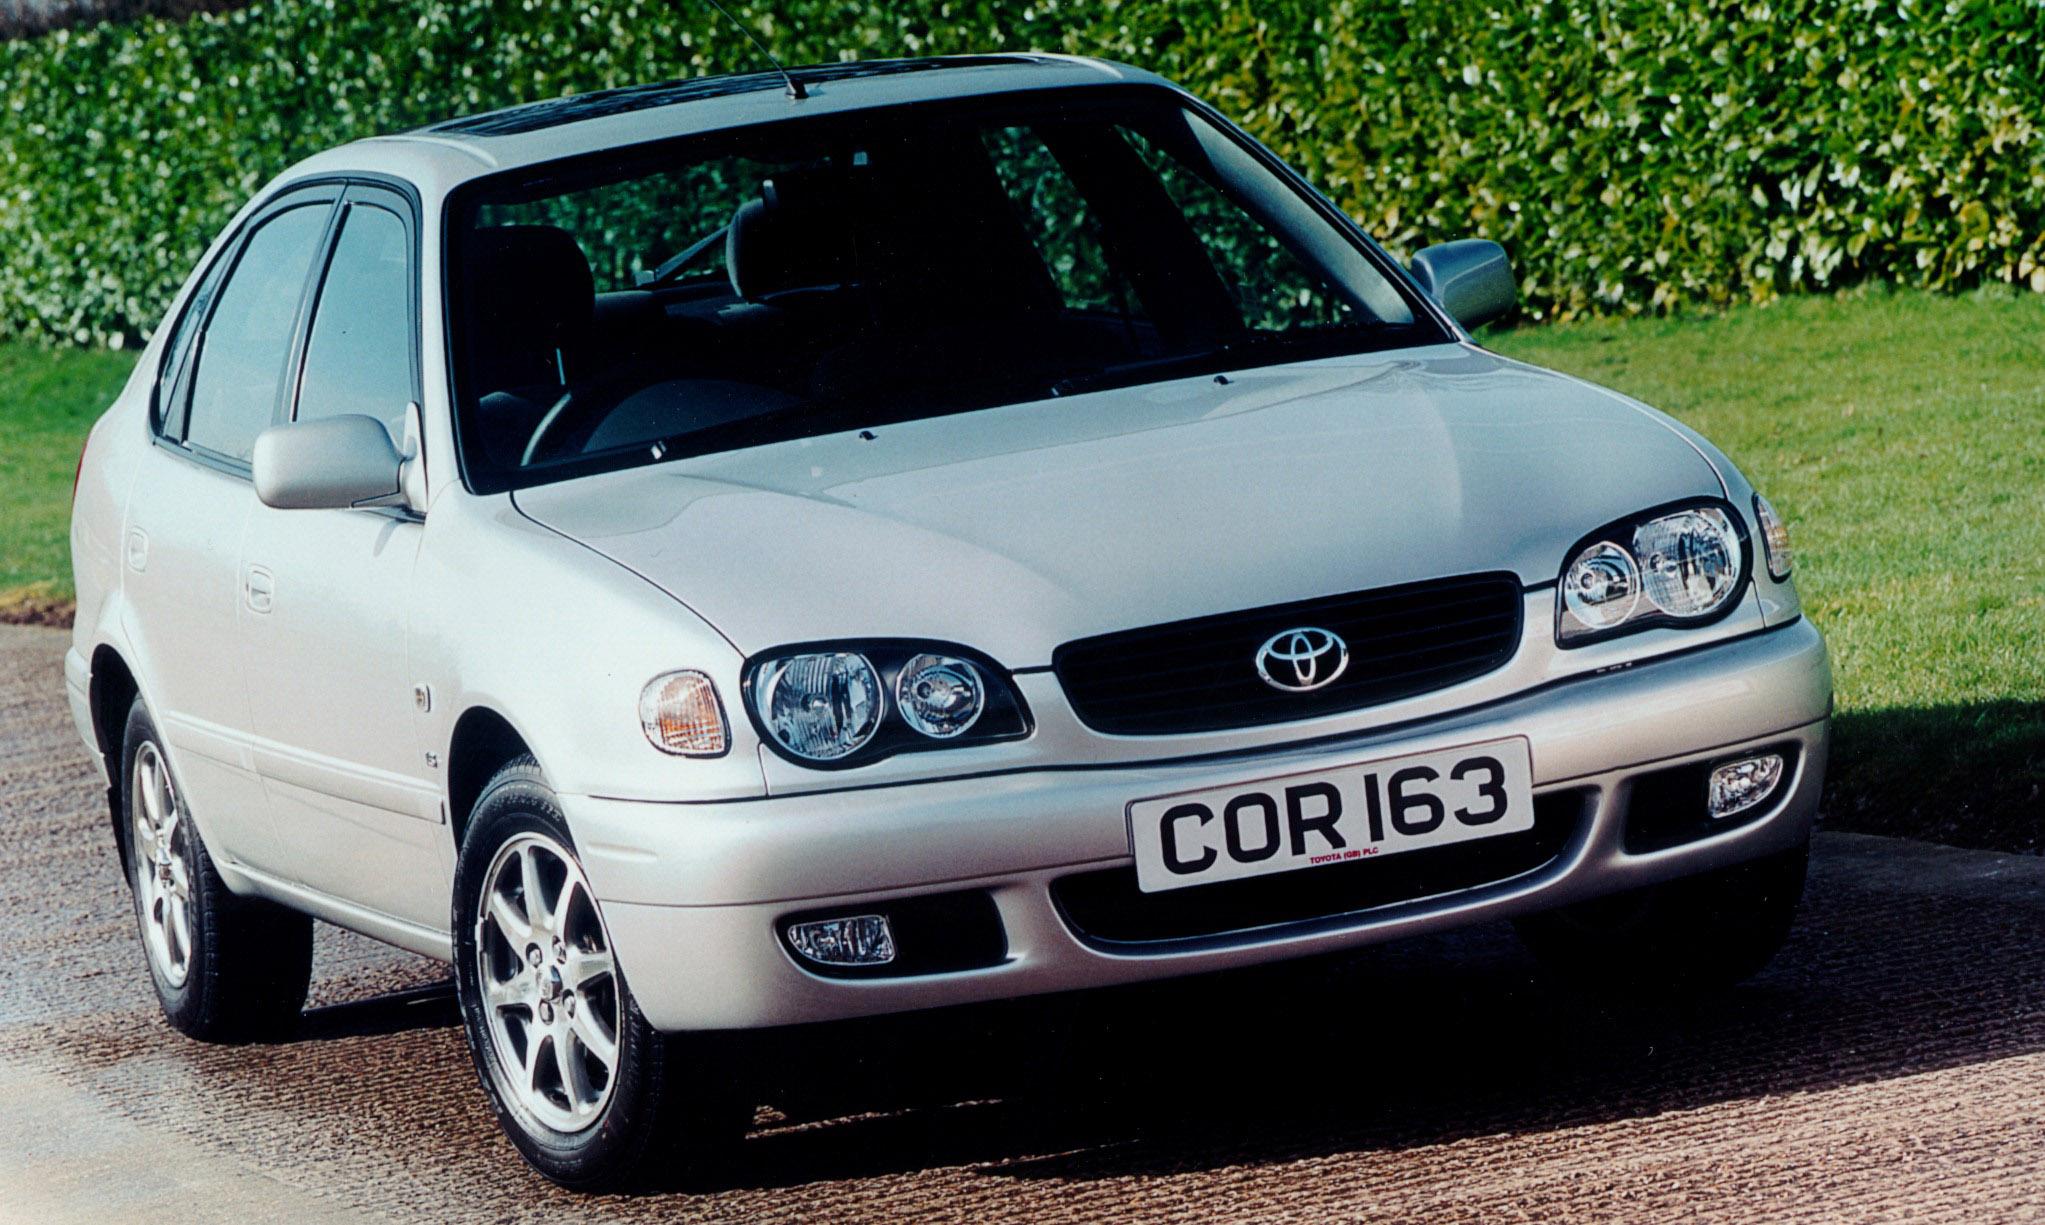 2001 Toyota Corolla Picture 76905